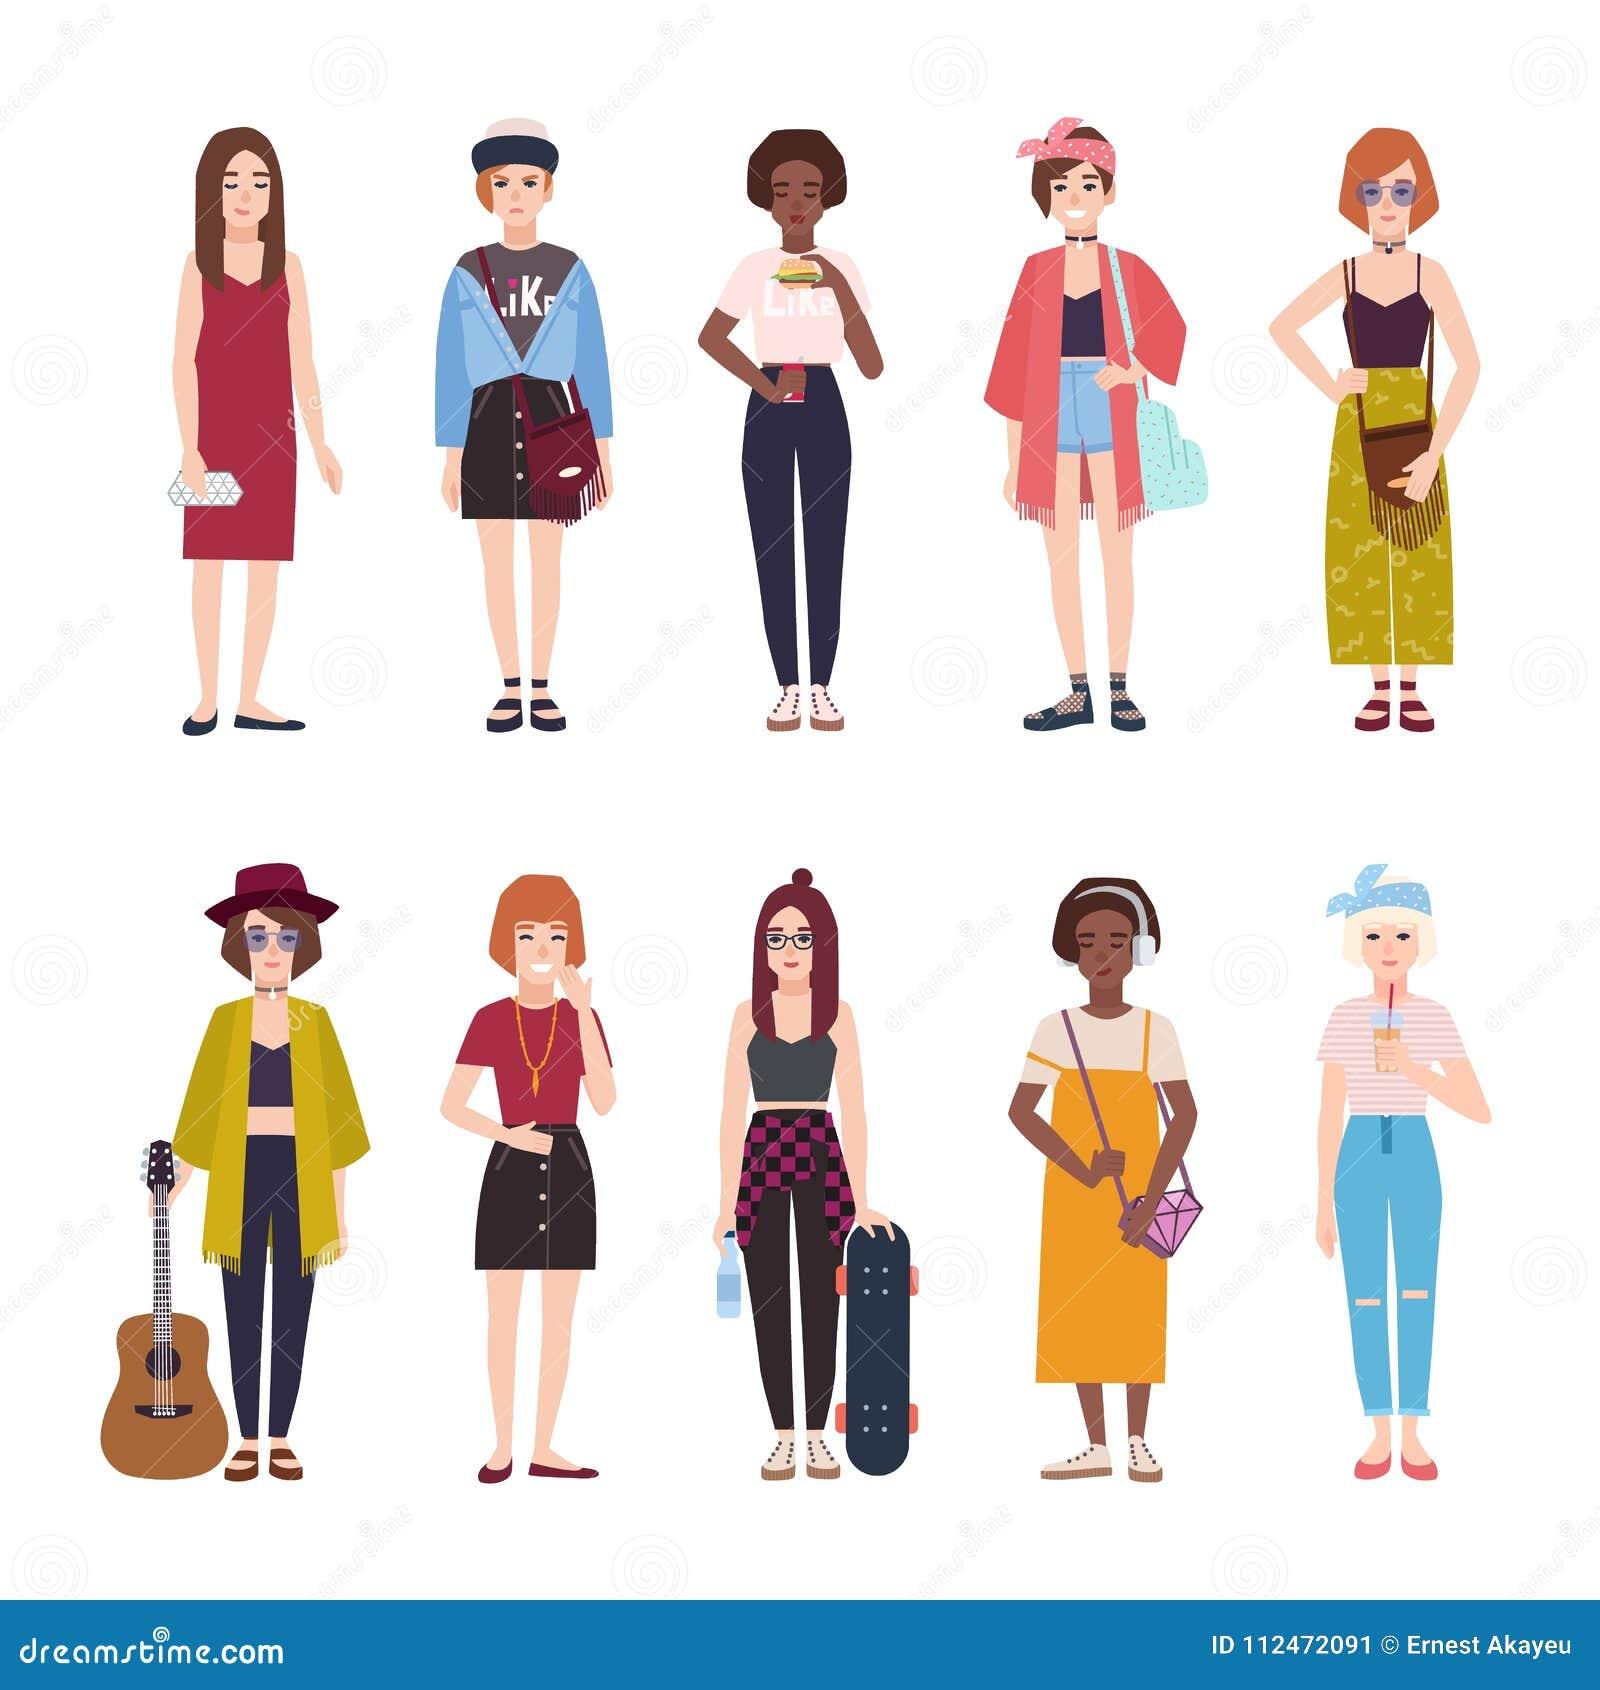 aaa9d25eb Colección de adolescentes vestidos en ropa de moda Sistema de adolescentes  femeninos modernos jovenes en equipos elegantes Personajes de dibujos  animados ...